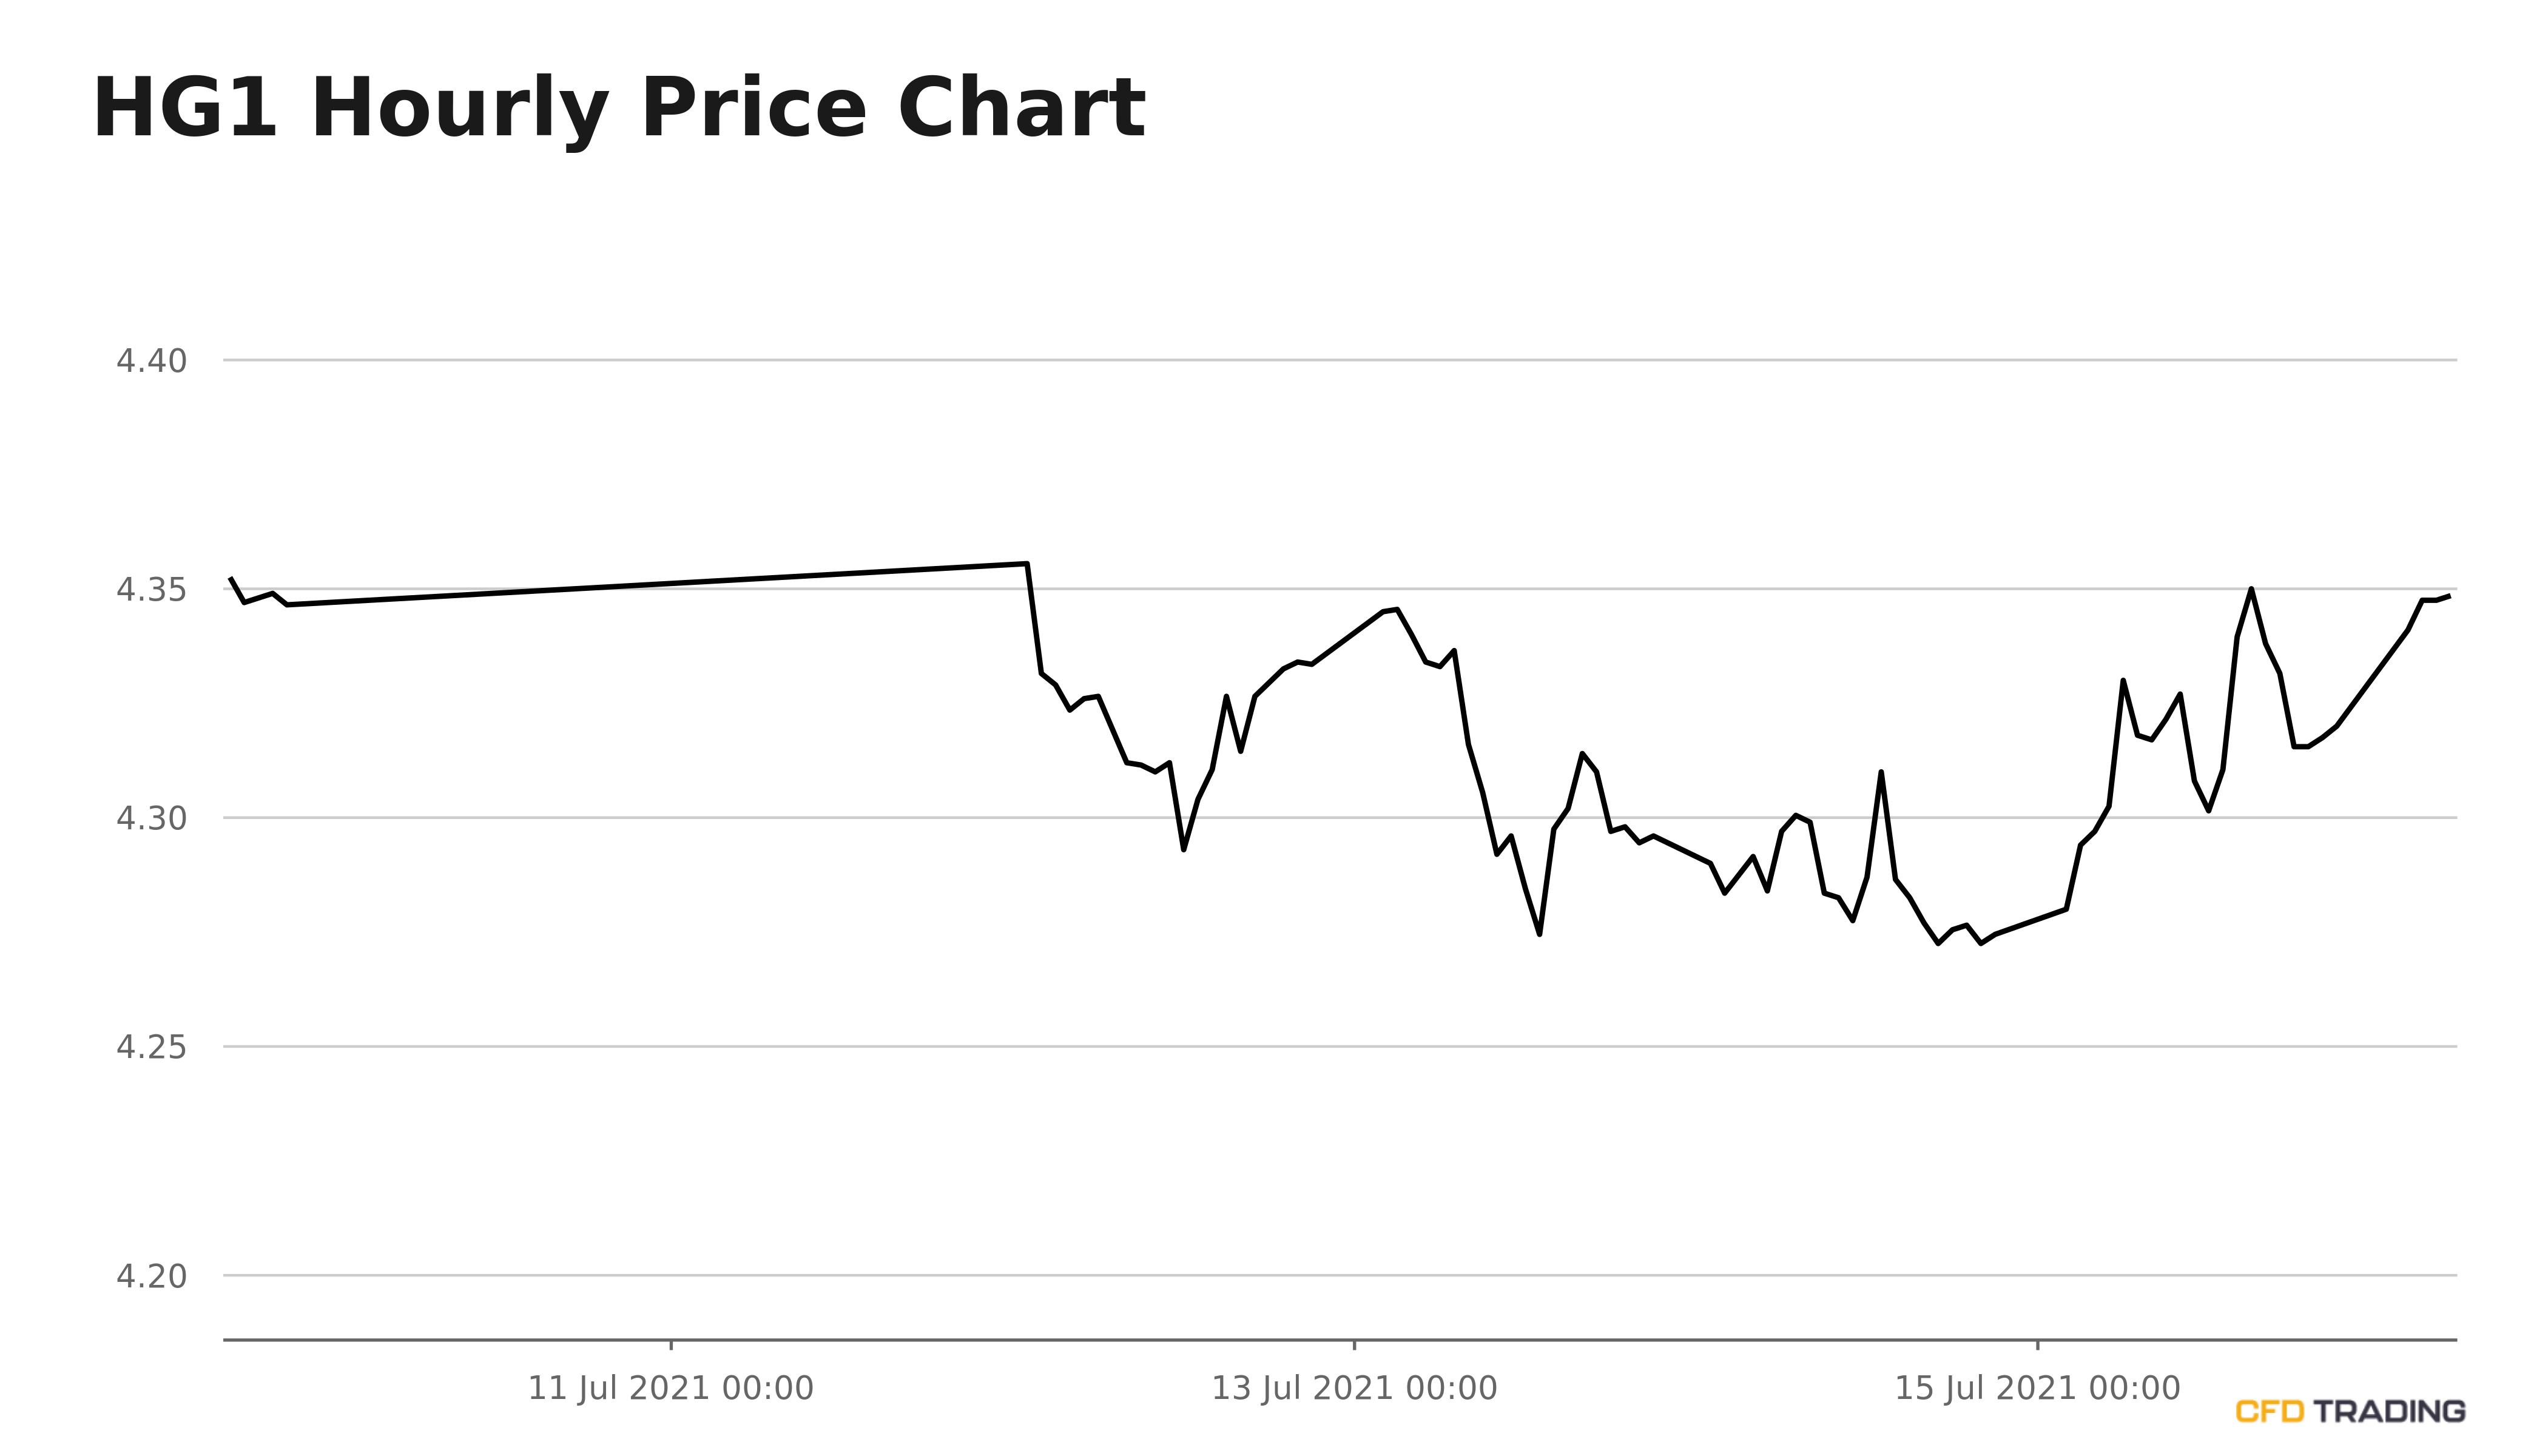 铜价跌破100移动均线时,或会为投资者提供交易机会